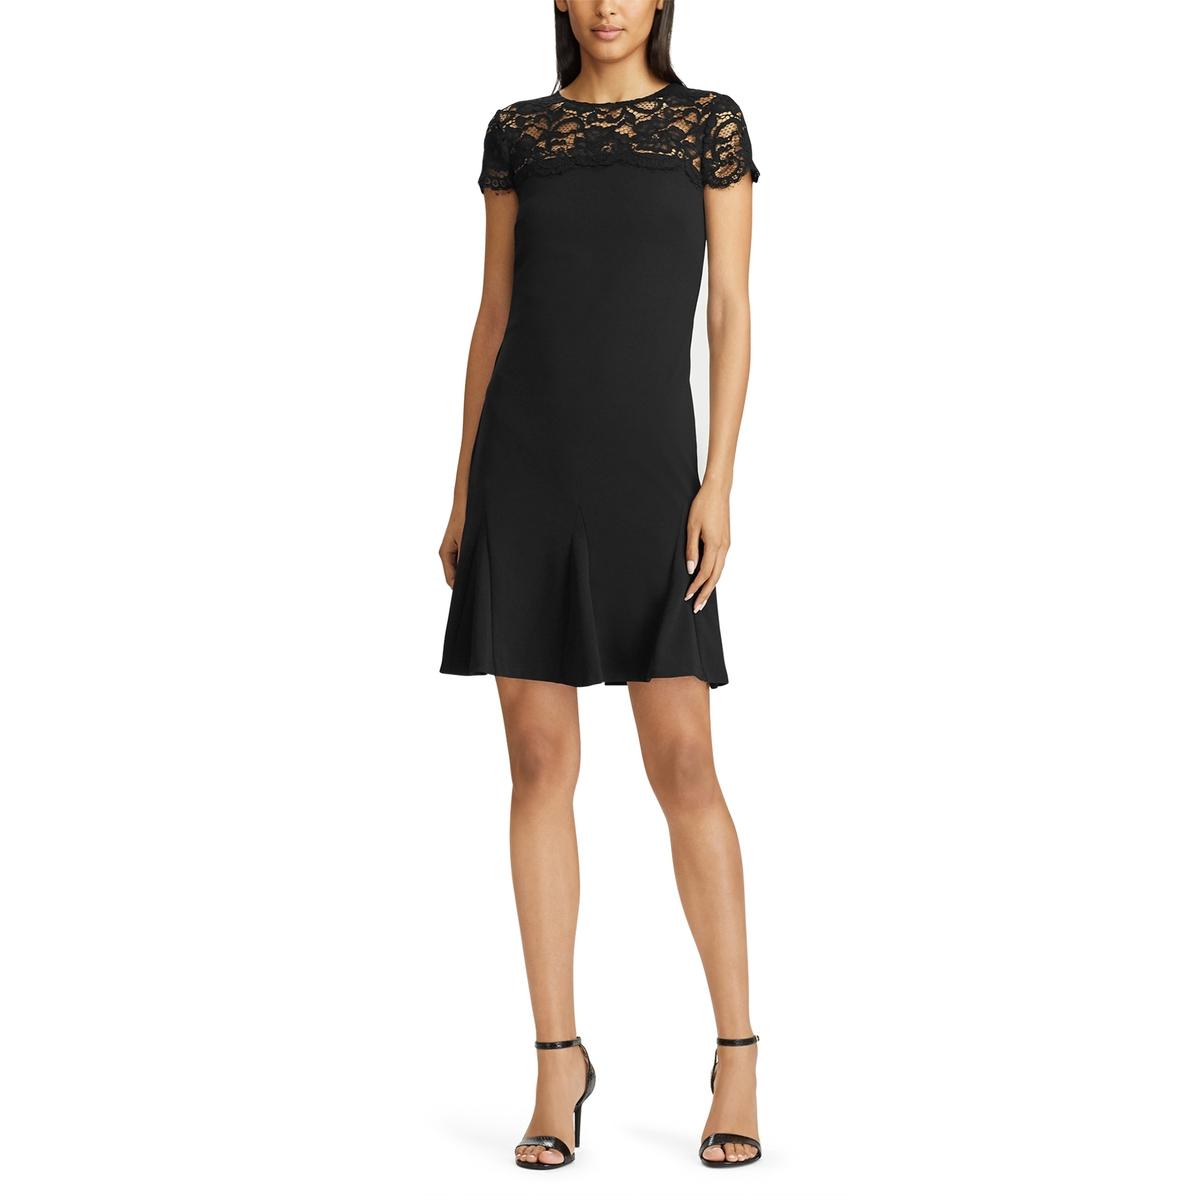 Платье La Redoute Расклешенное с короткими рукавами с гипюром 42 (FR) - 48 (RUS) черный платье la redoute расклешенное с короткими рукавами с гипюром 42 fr 48 rus черный